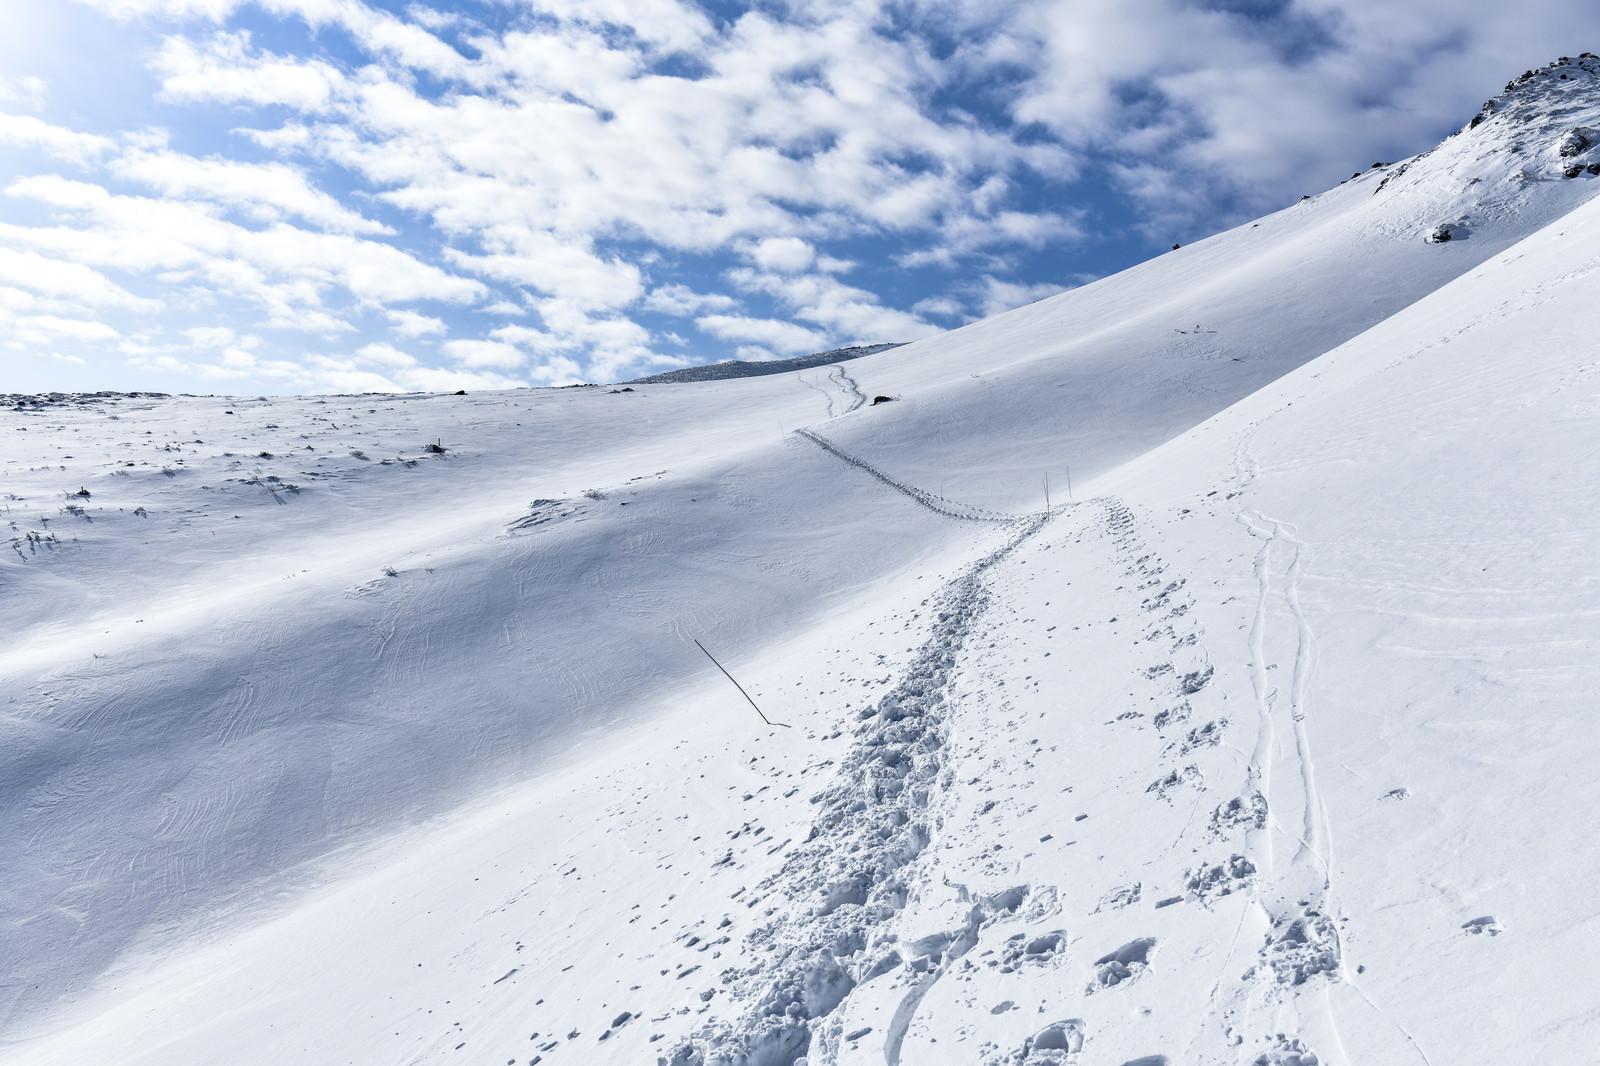 「冬の安達太良山の斜面についたトレース」の写真